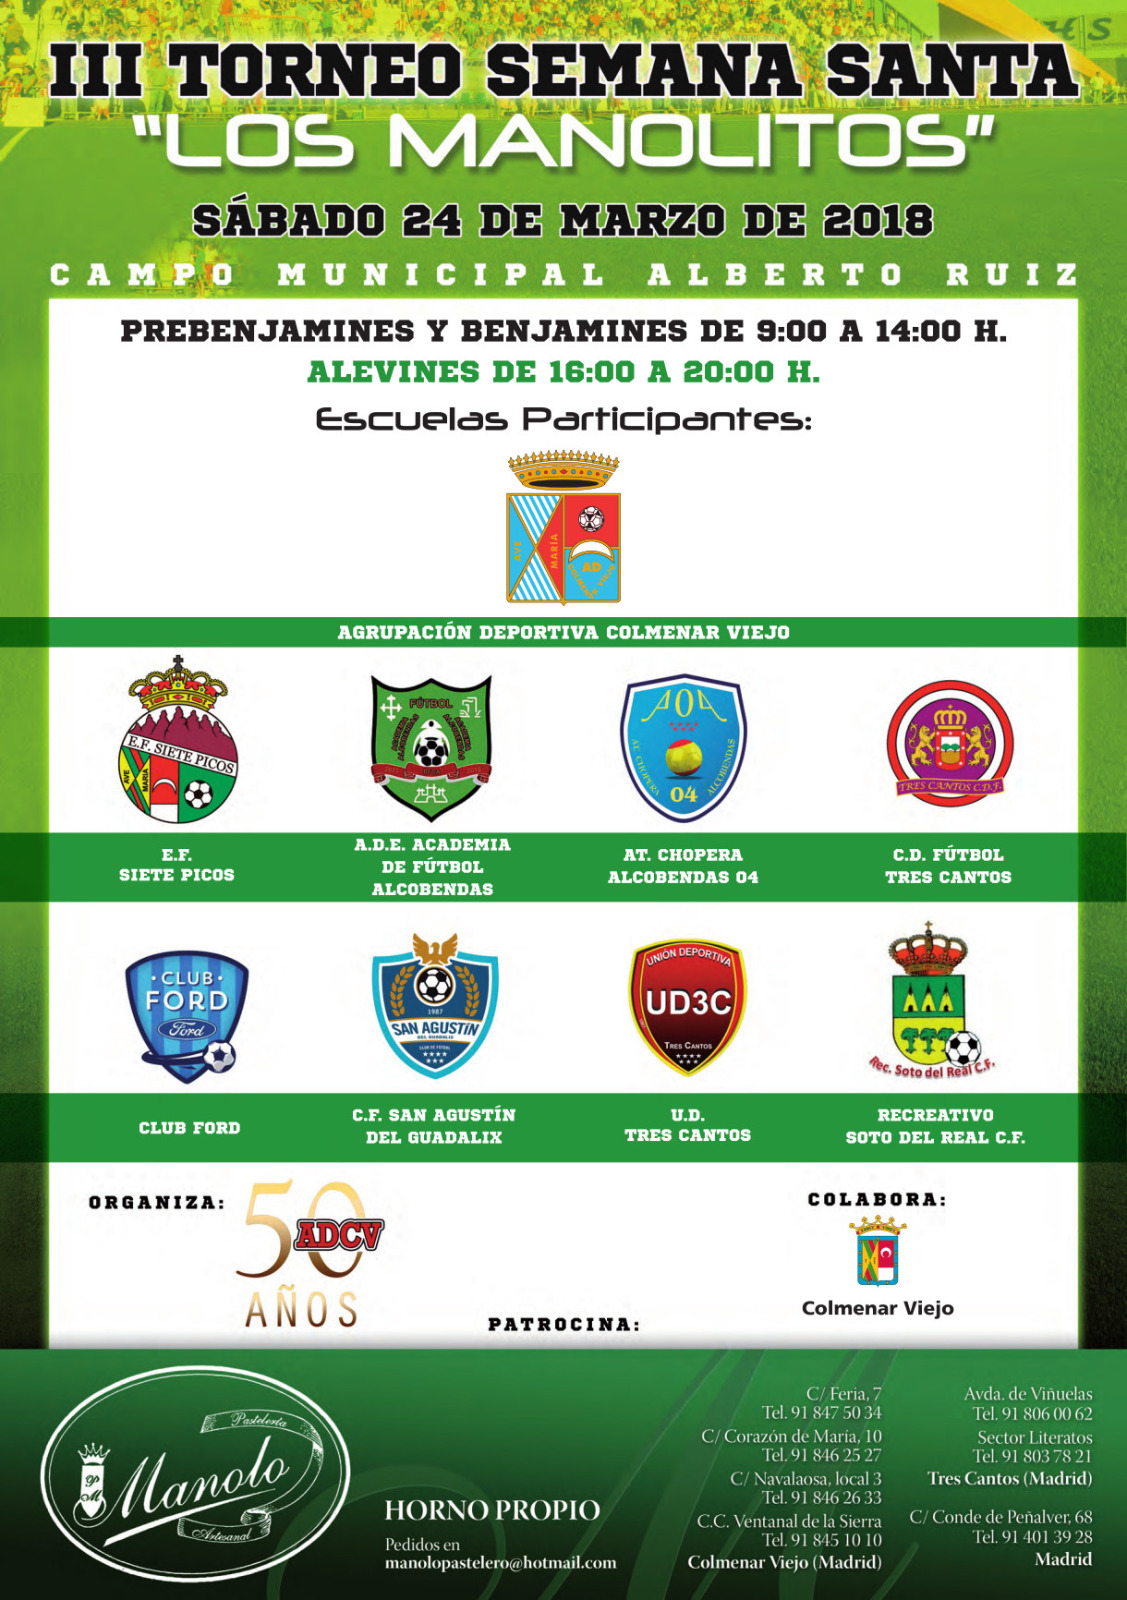 III Torneo de Semana Santa Los Manolitos 2018